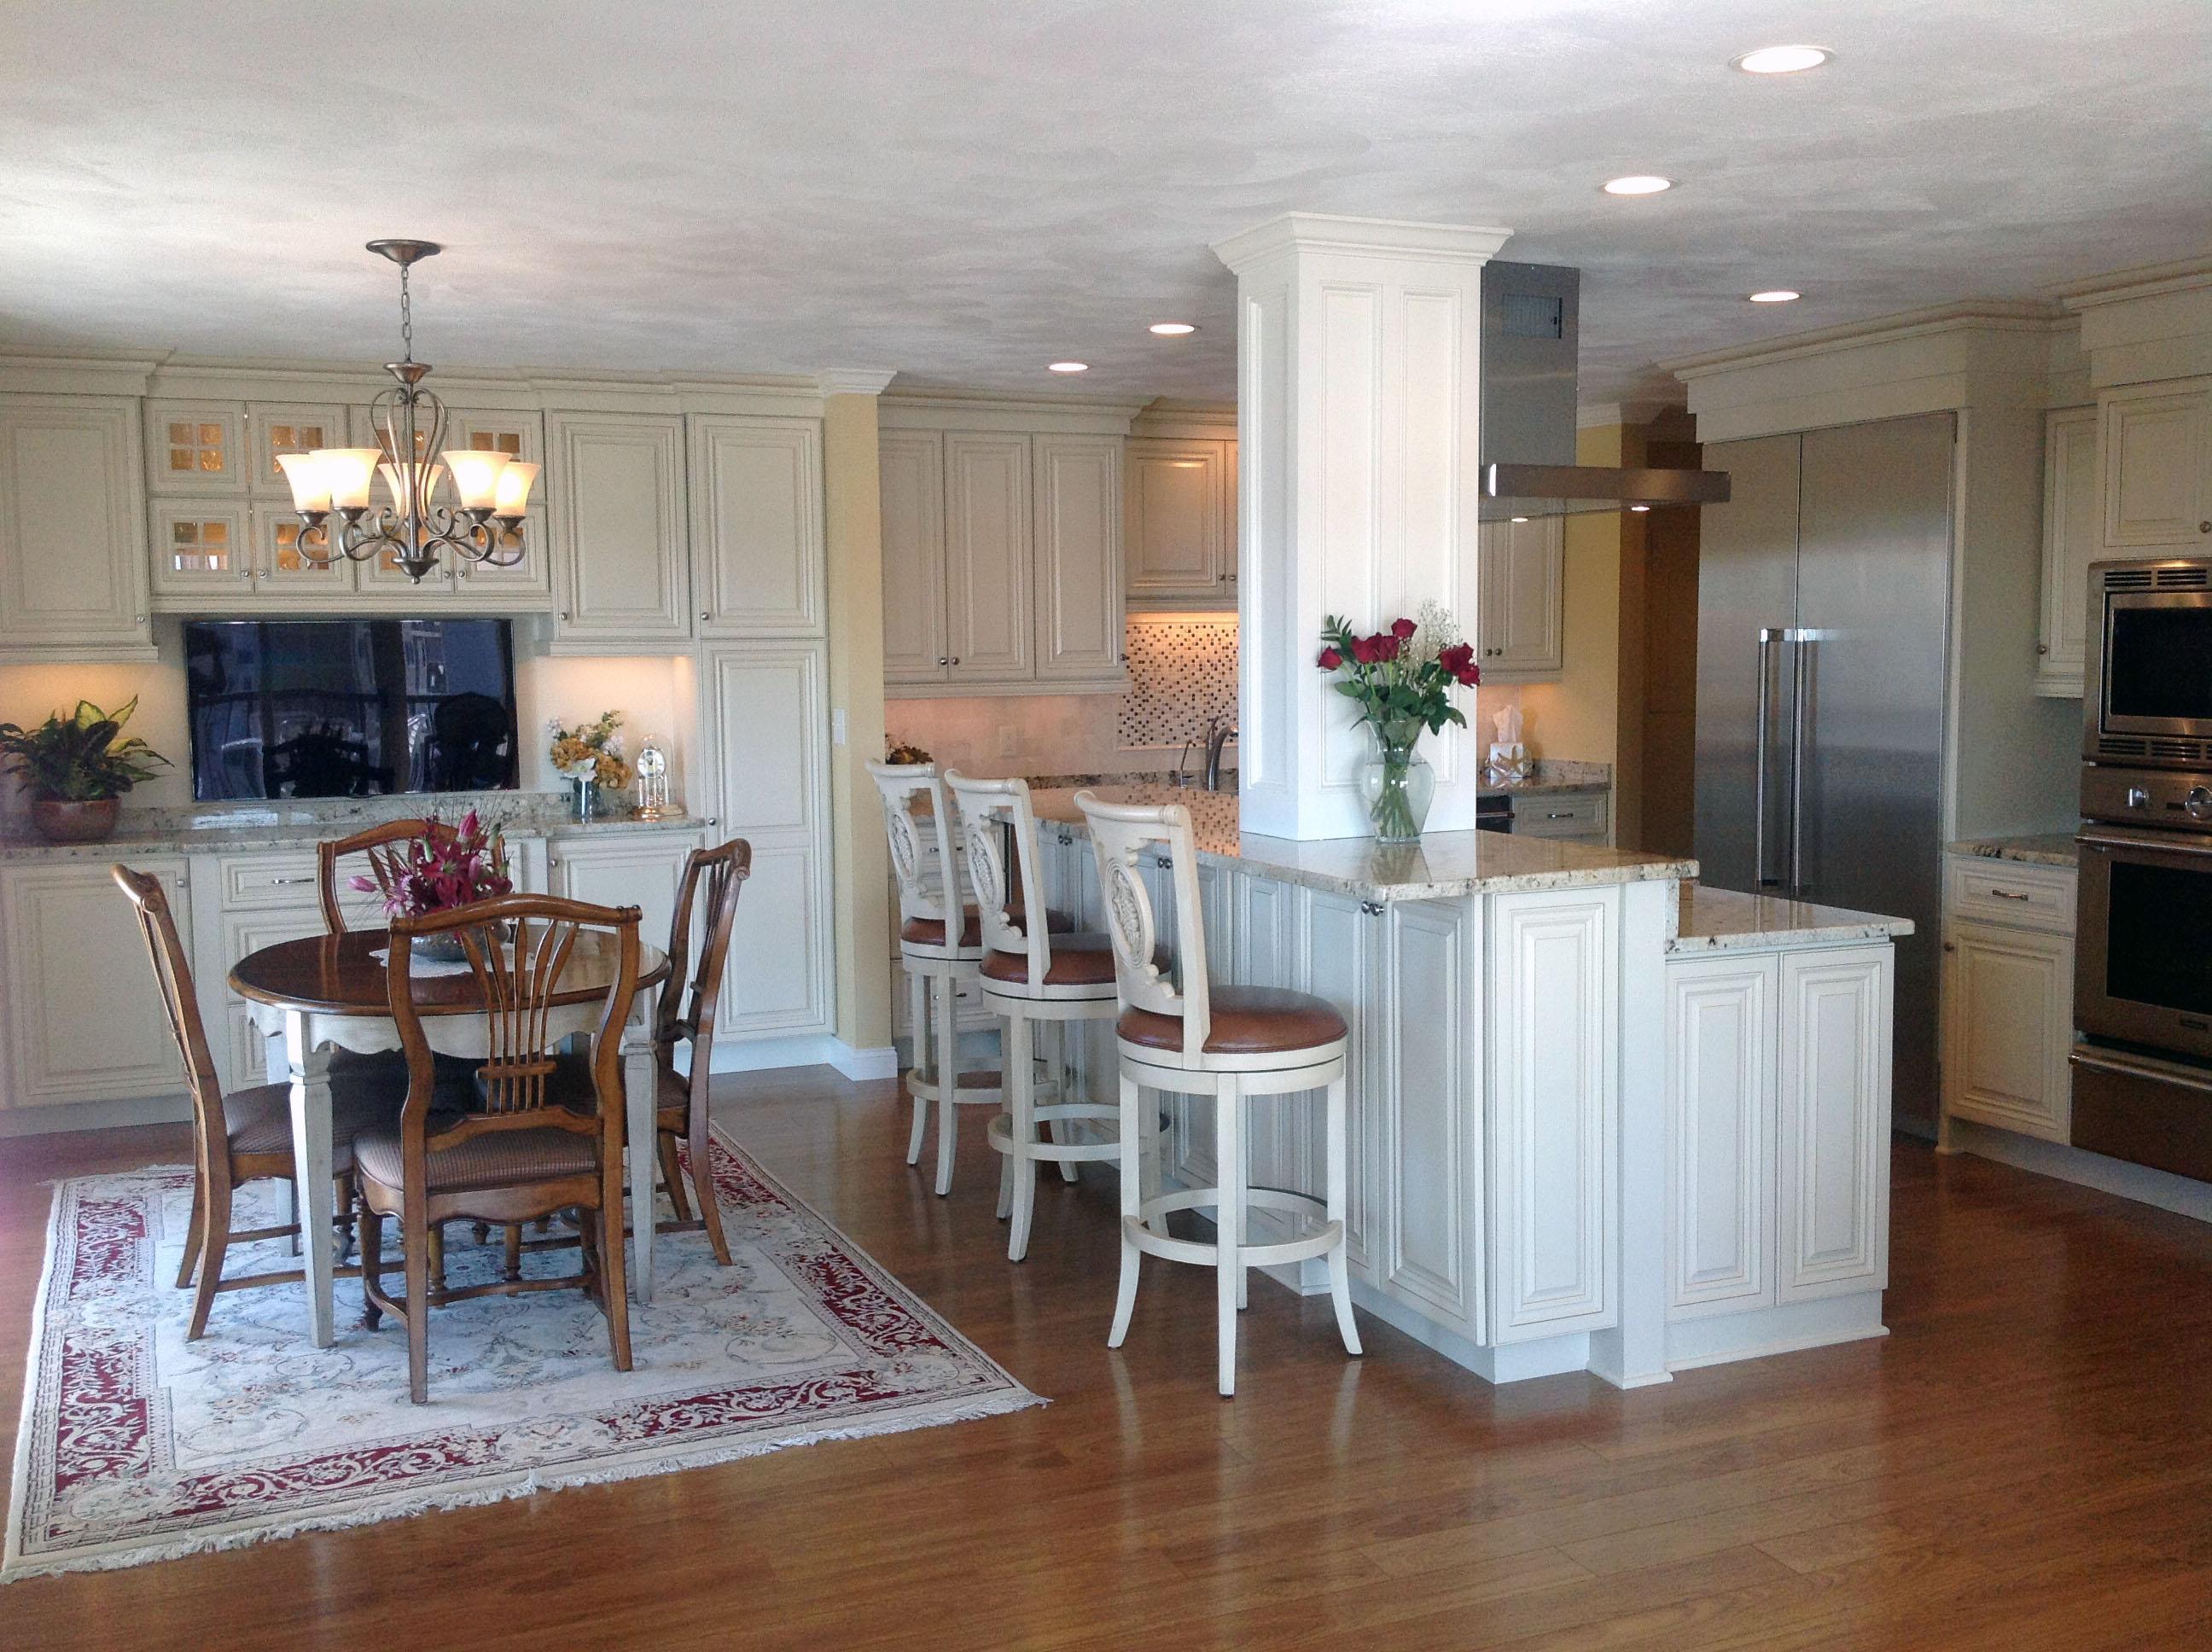 discountkitchensetc discount kitchen cabinets Custom Kitchen Remodel